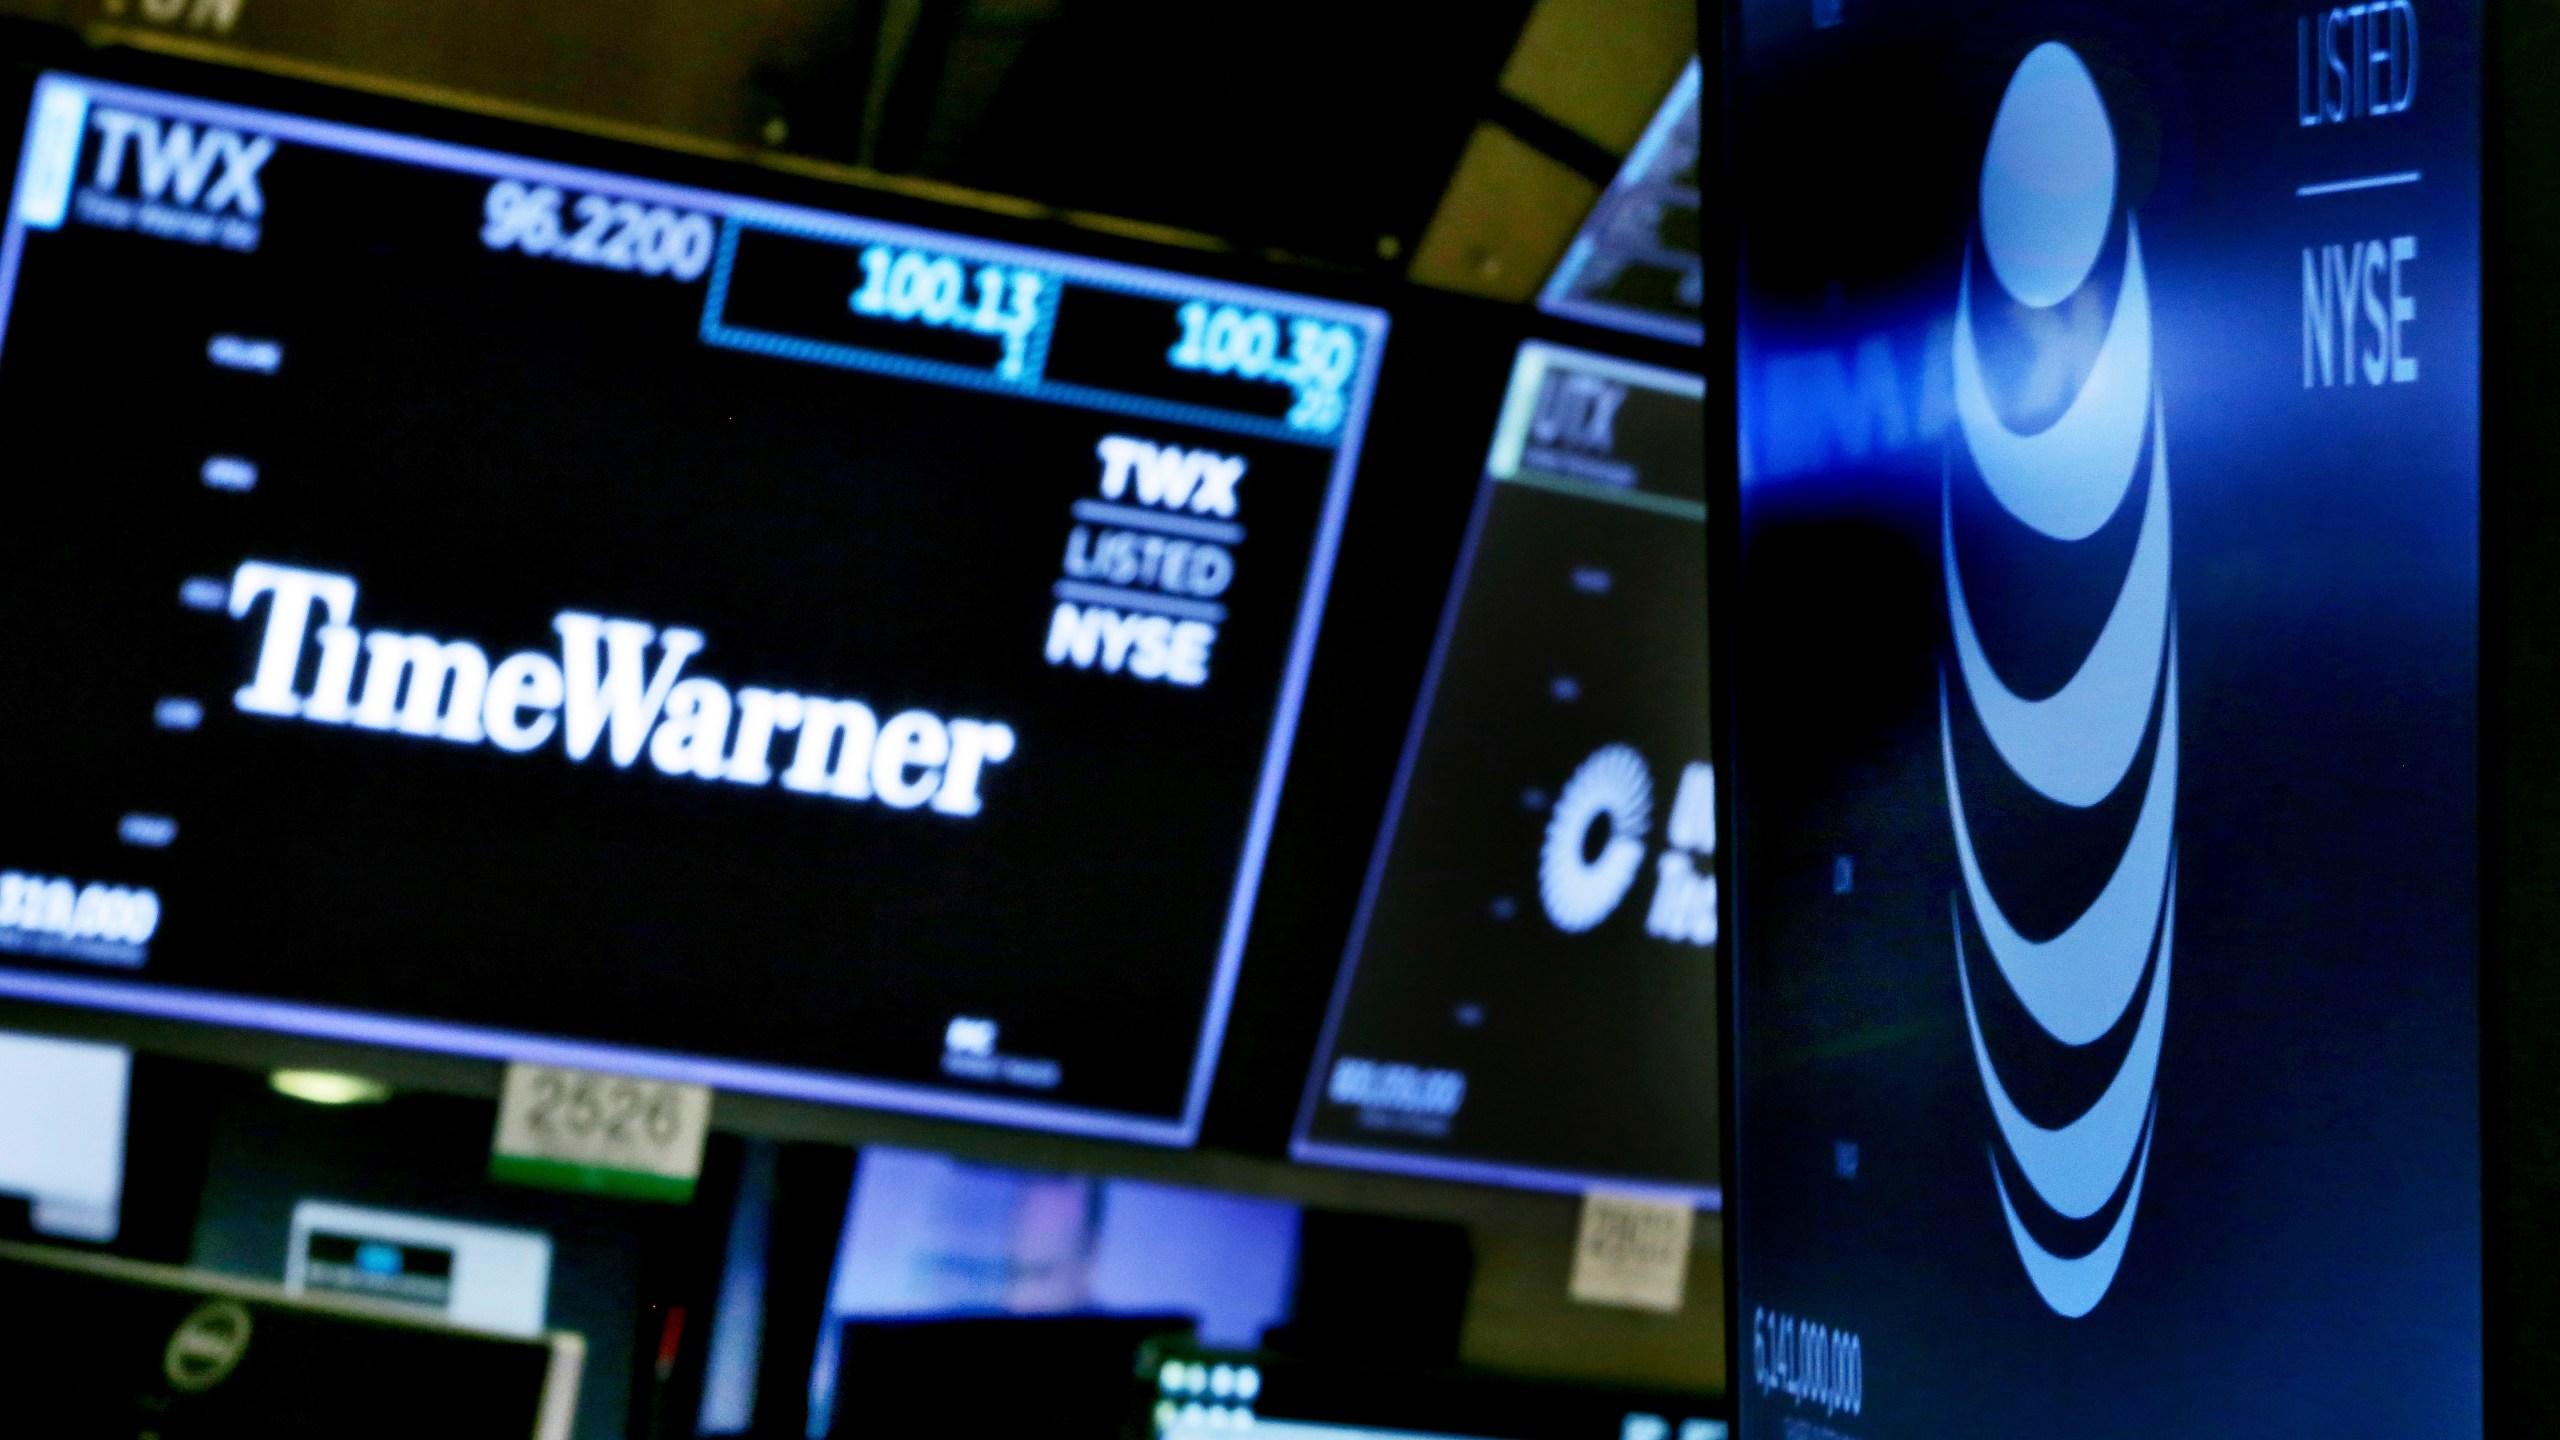 AT T Time Warner Antitrust_1529029805030